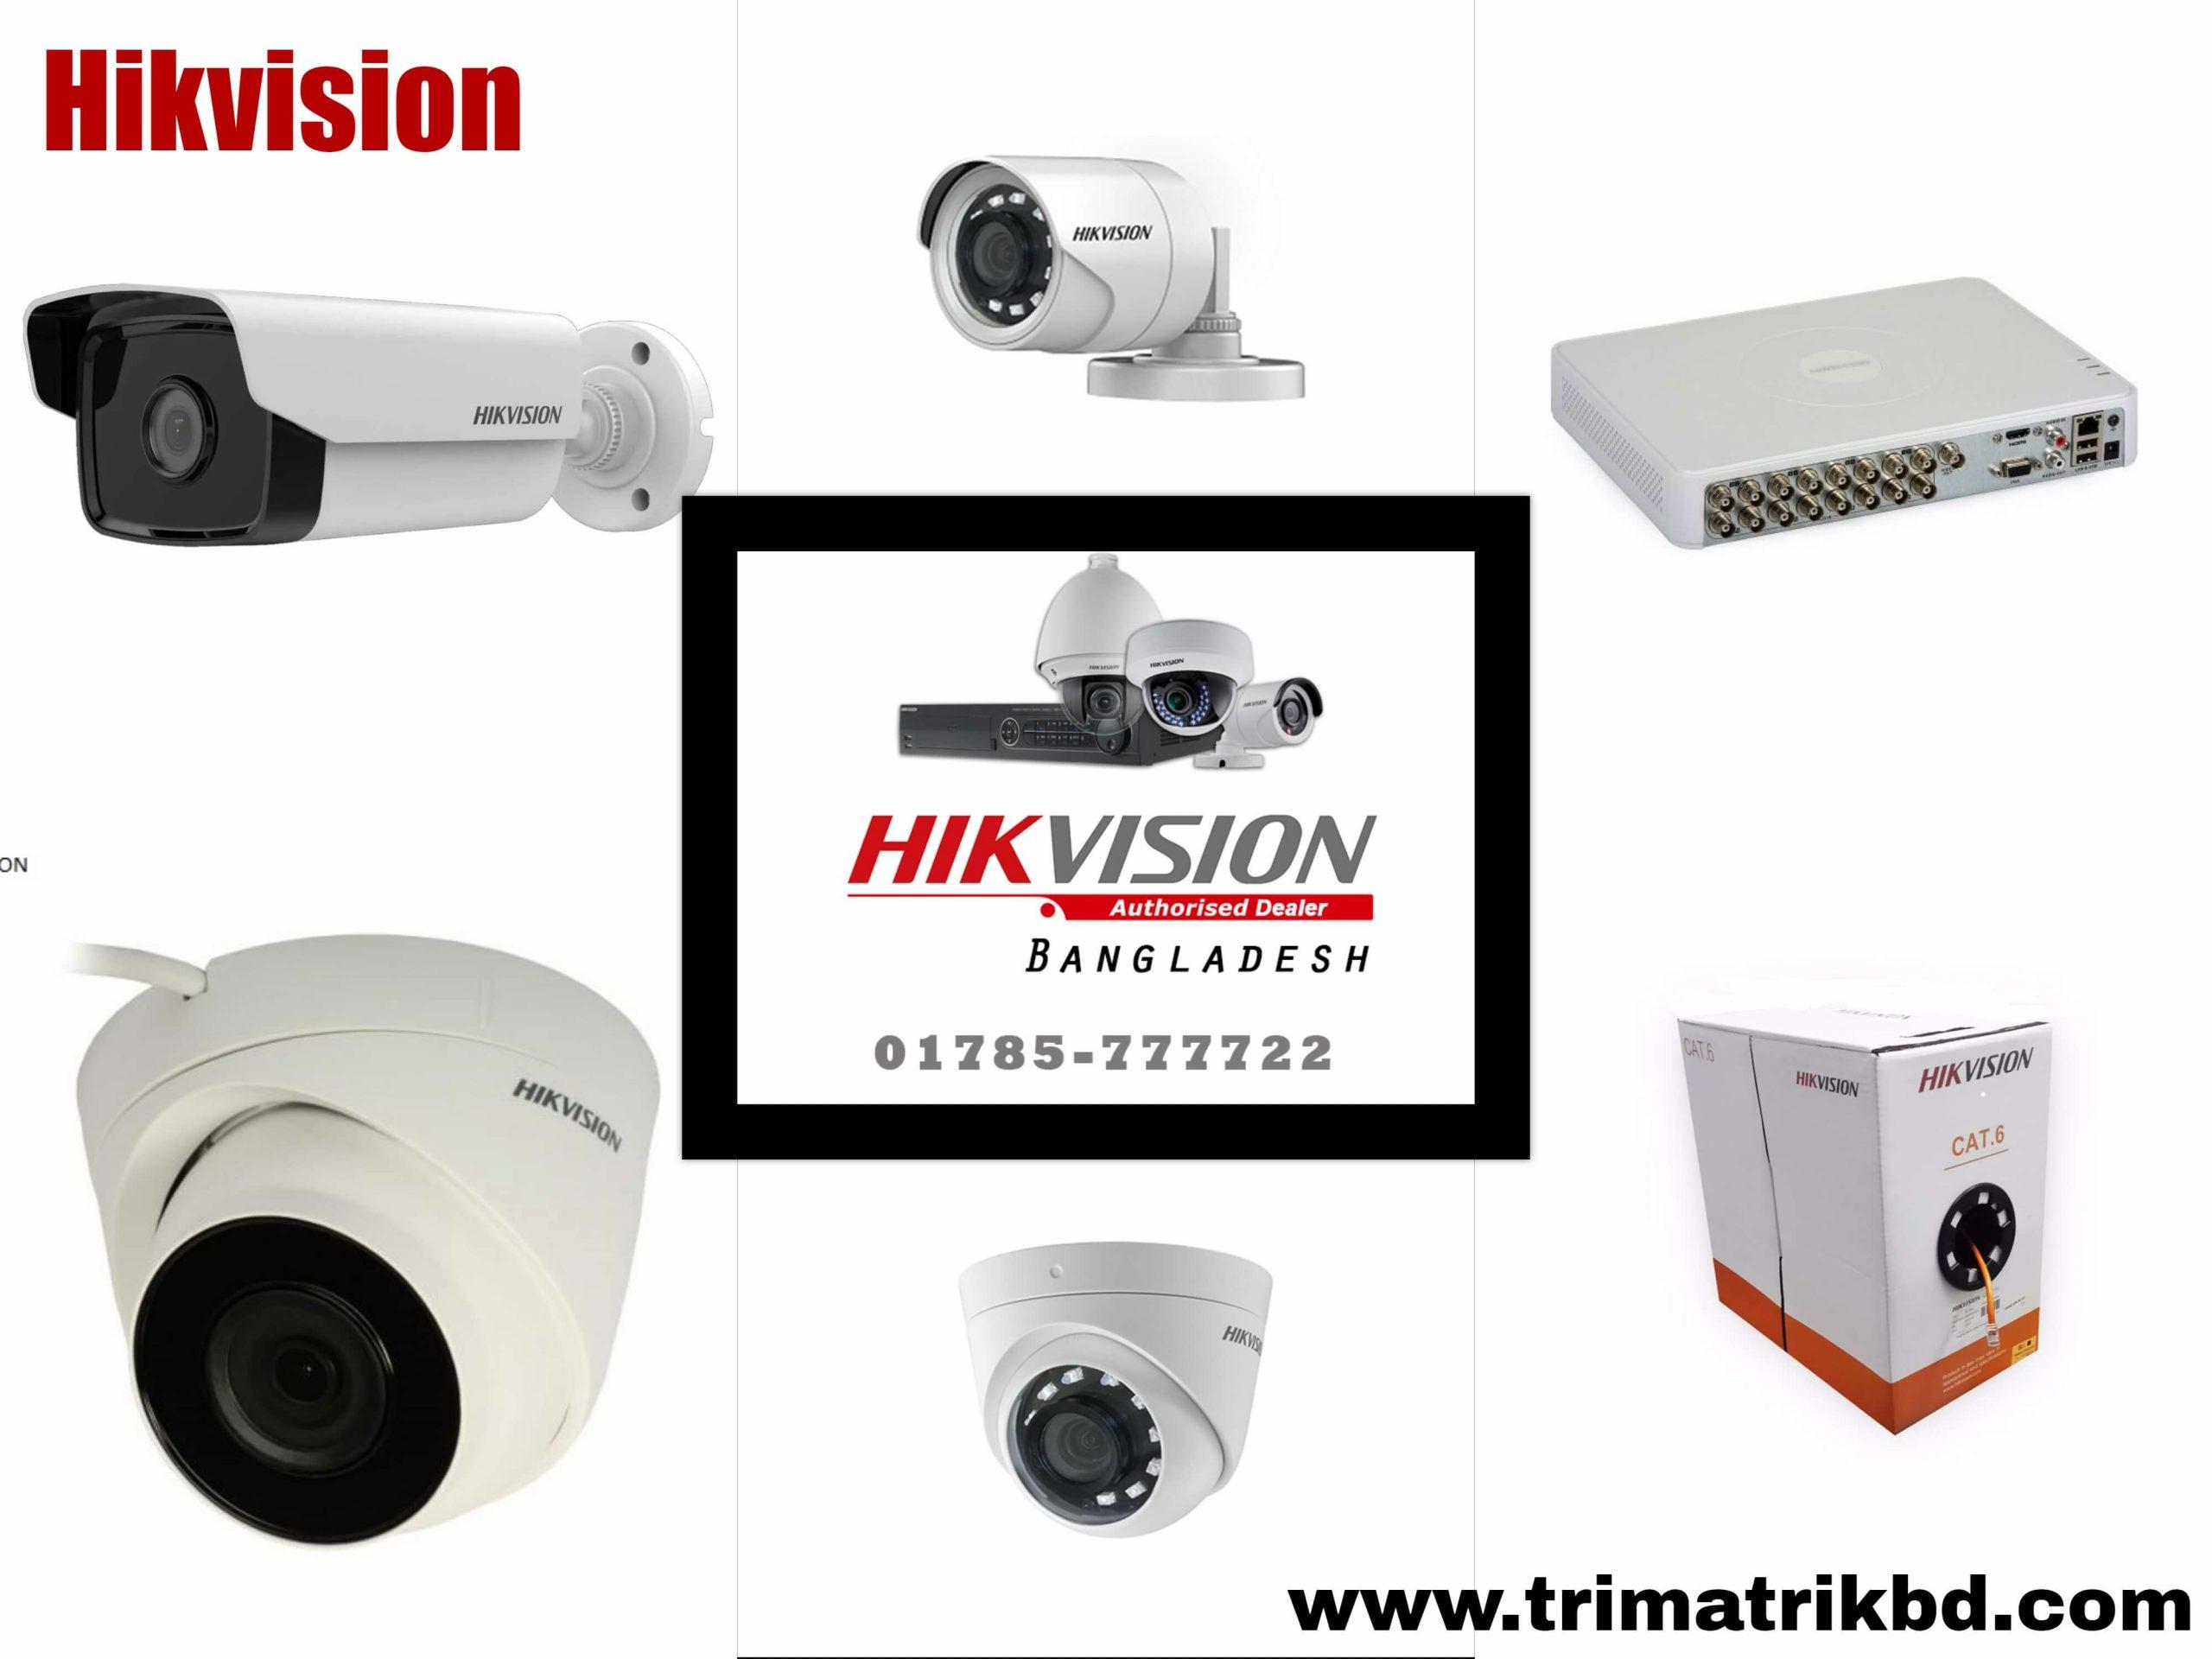 CCTV Camera in Bangladesh